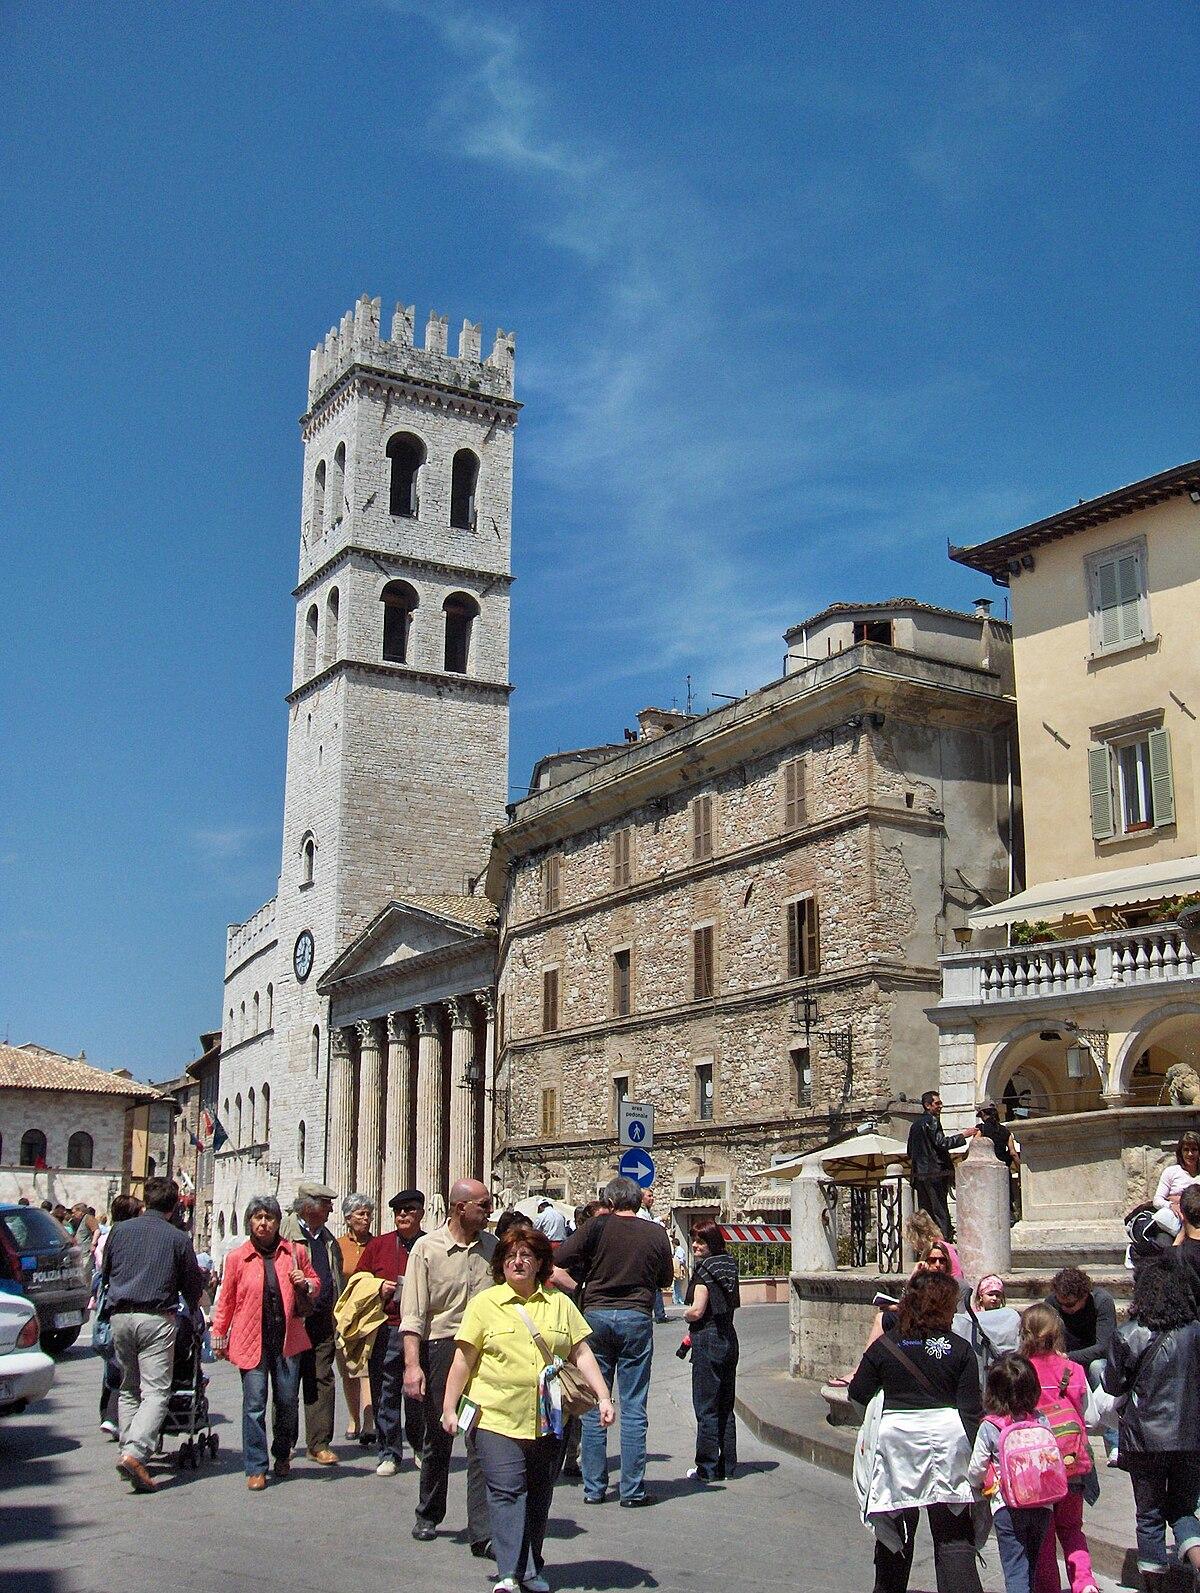 Piazza del Comune Assisi  Wikipedia